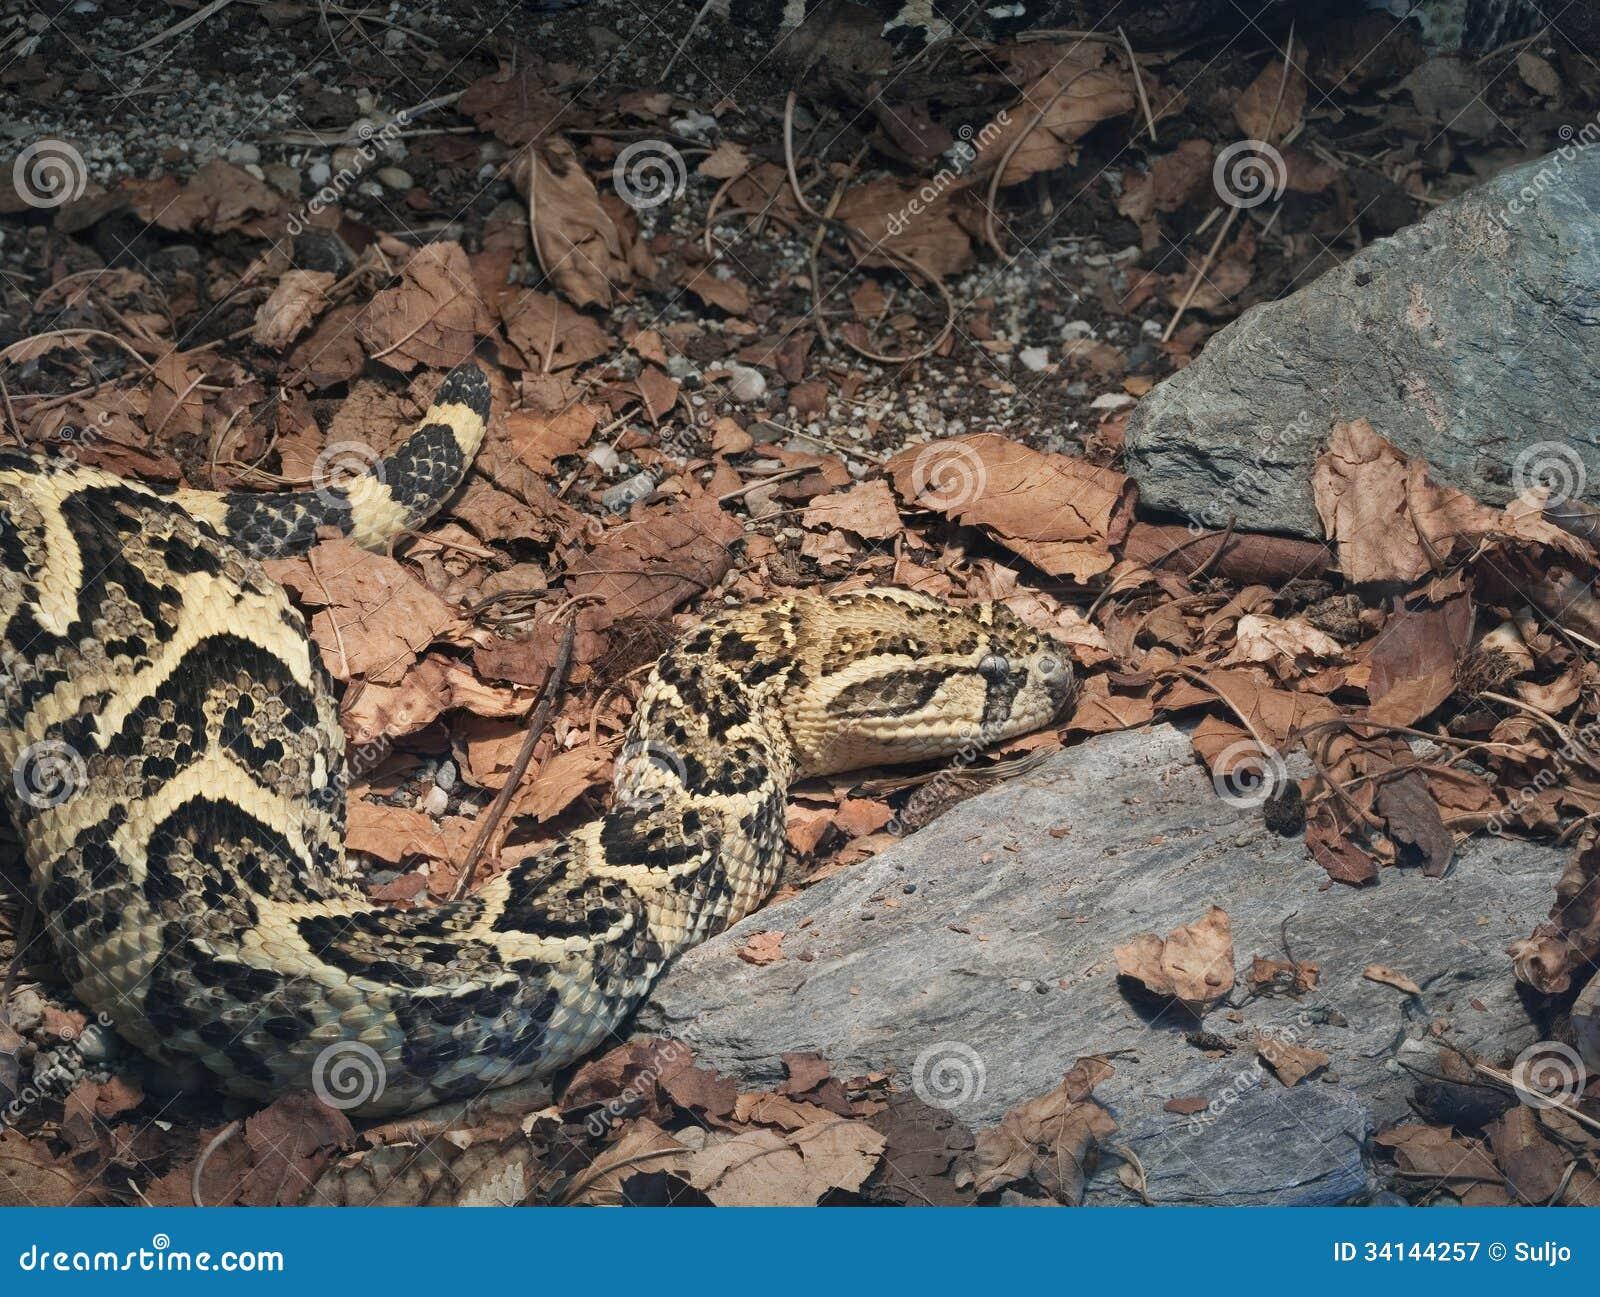 共同的非洲毒蛇bitis arietans,鼓腹毒蛇.